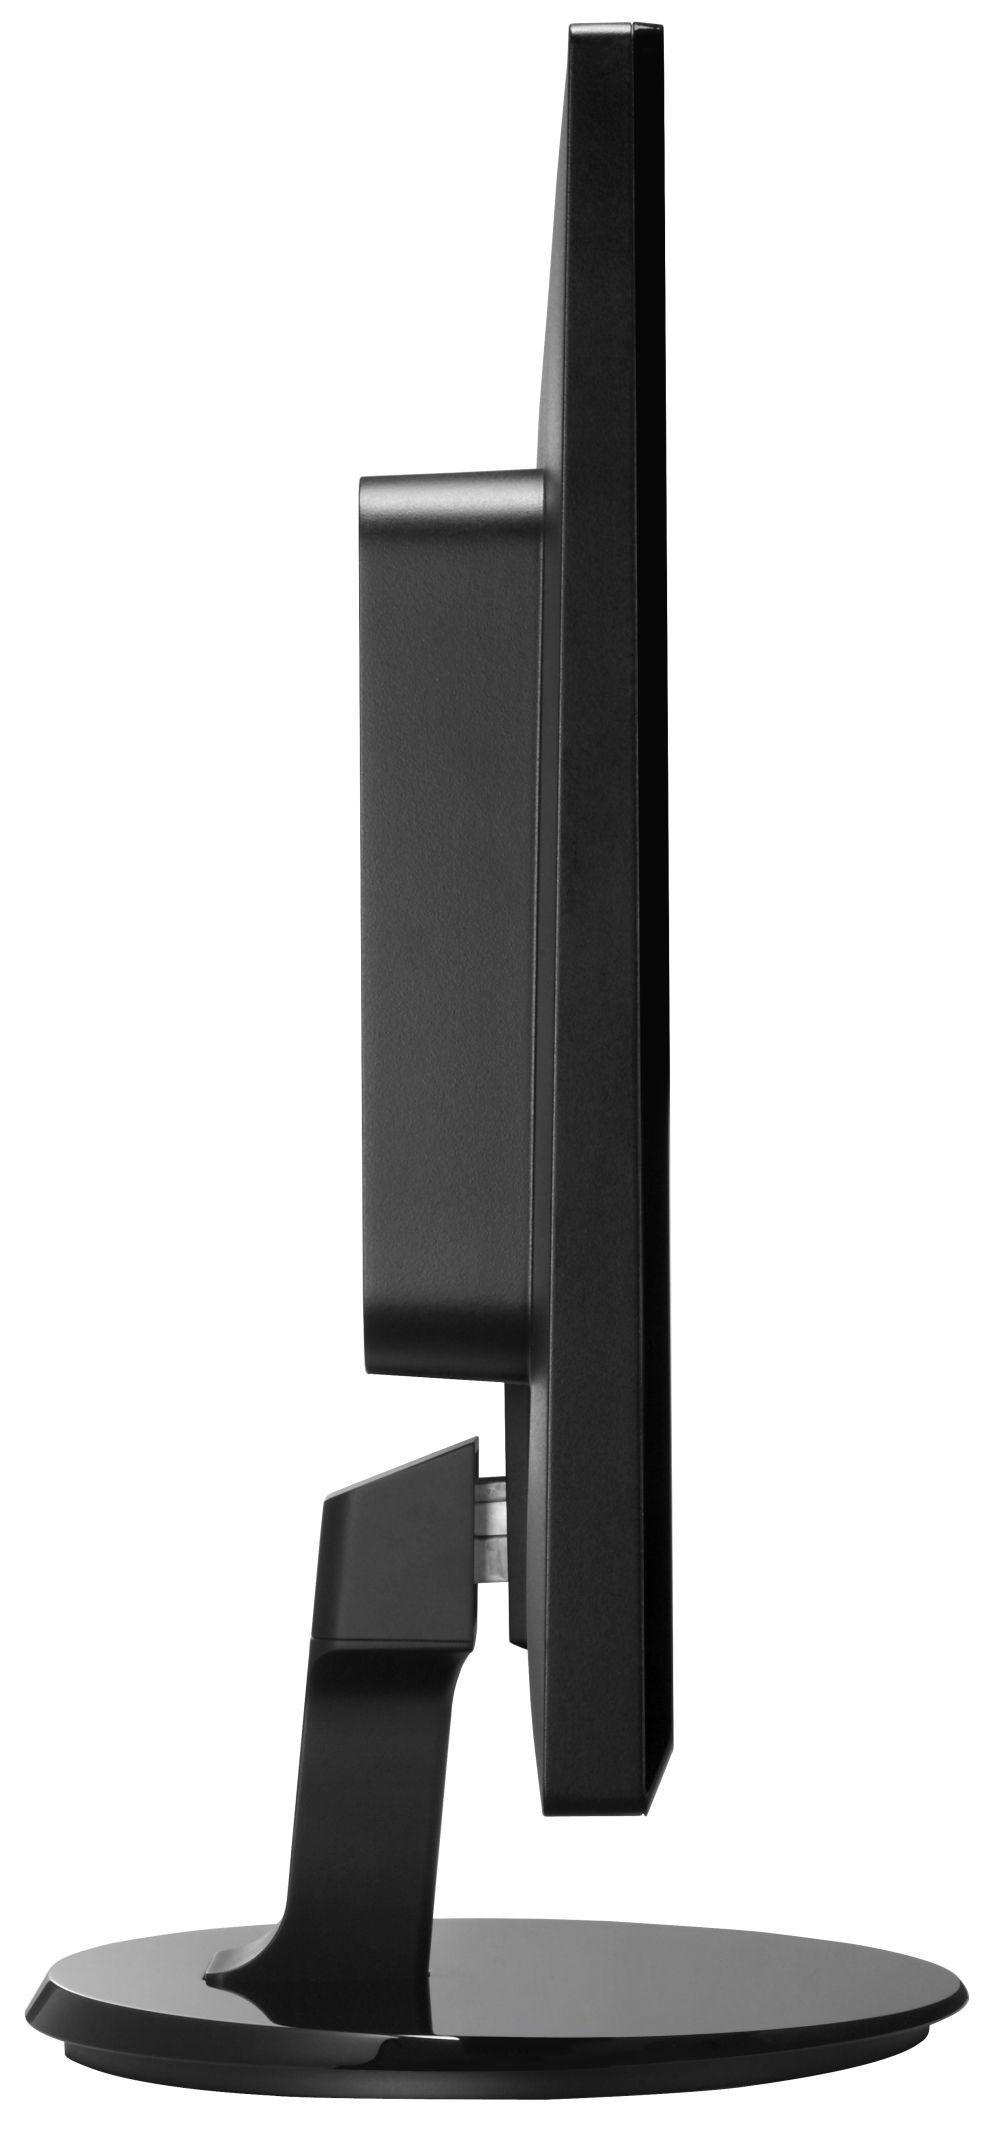 """Philips 246V5LSB, 24"""" Wide TN LED, 5ms, 10M:1 DCR, 250 cd/m2, 1920x1080 FullHD, DVI, Black - 4"""